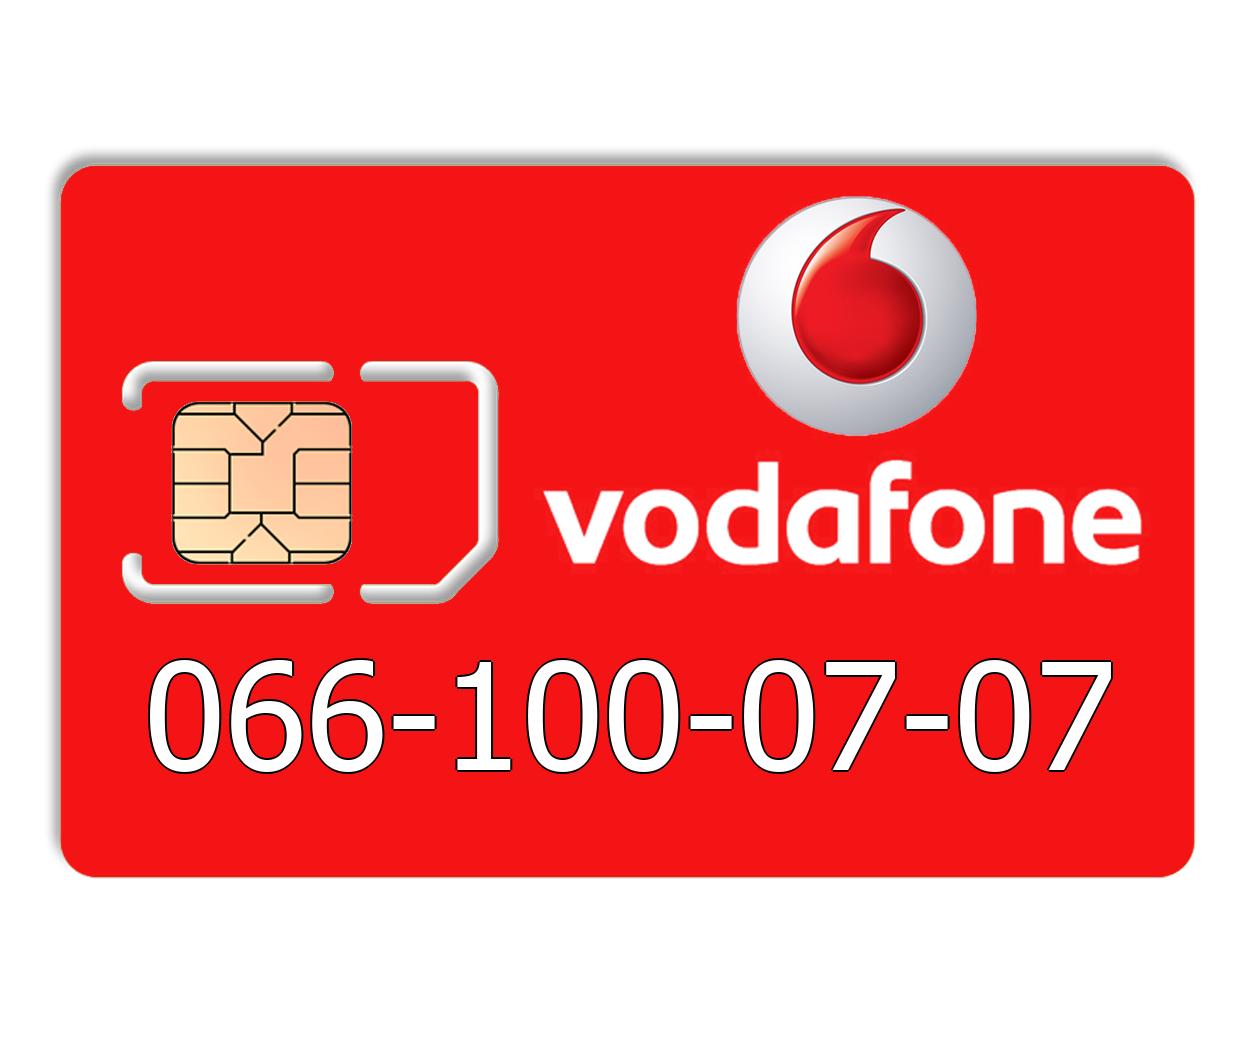 Красивый номер Vodafone 066-100-07-07